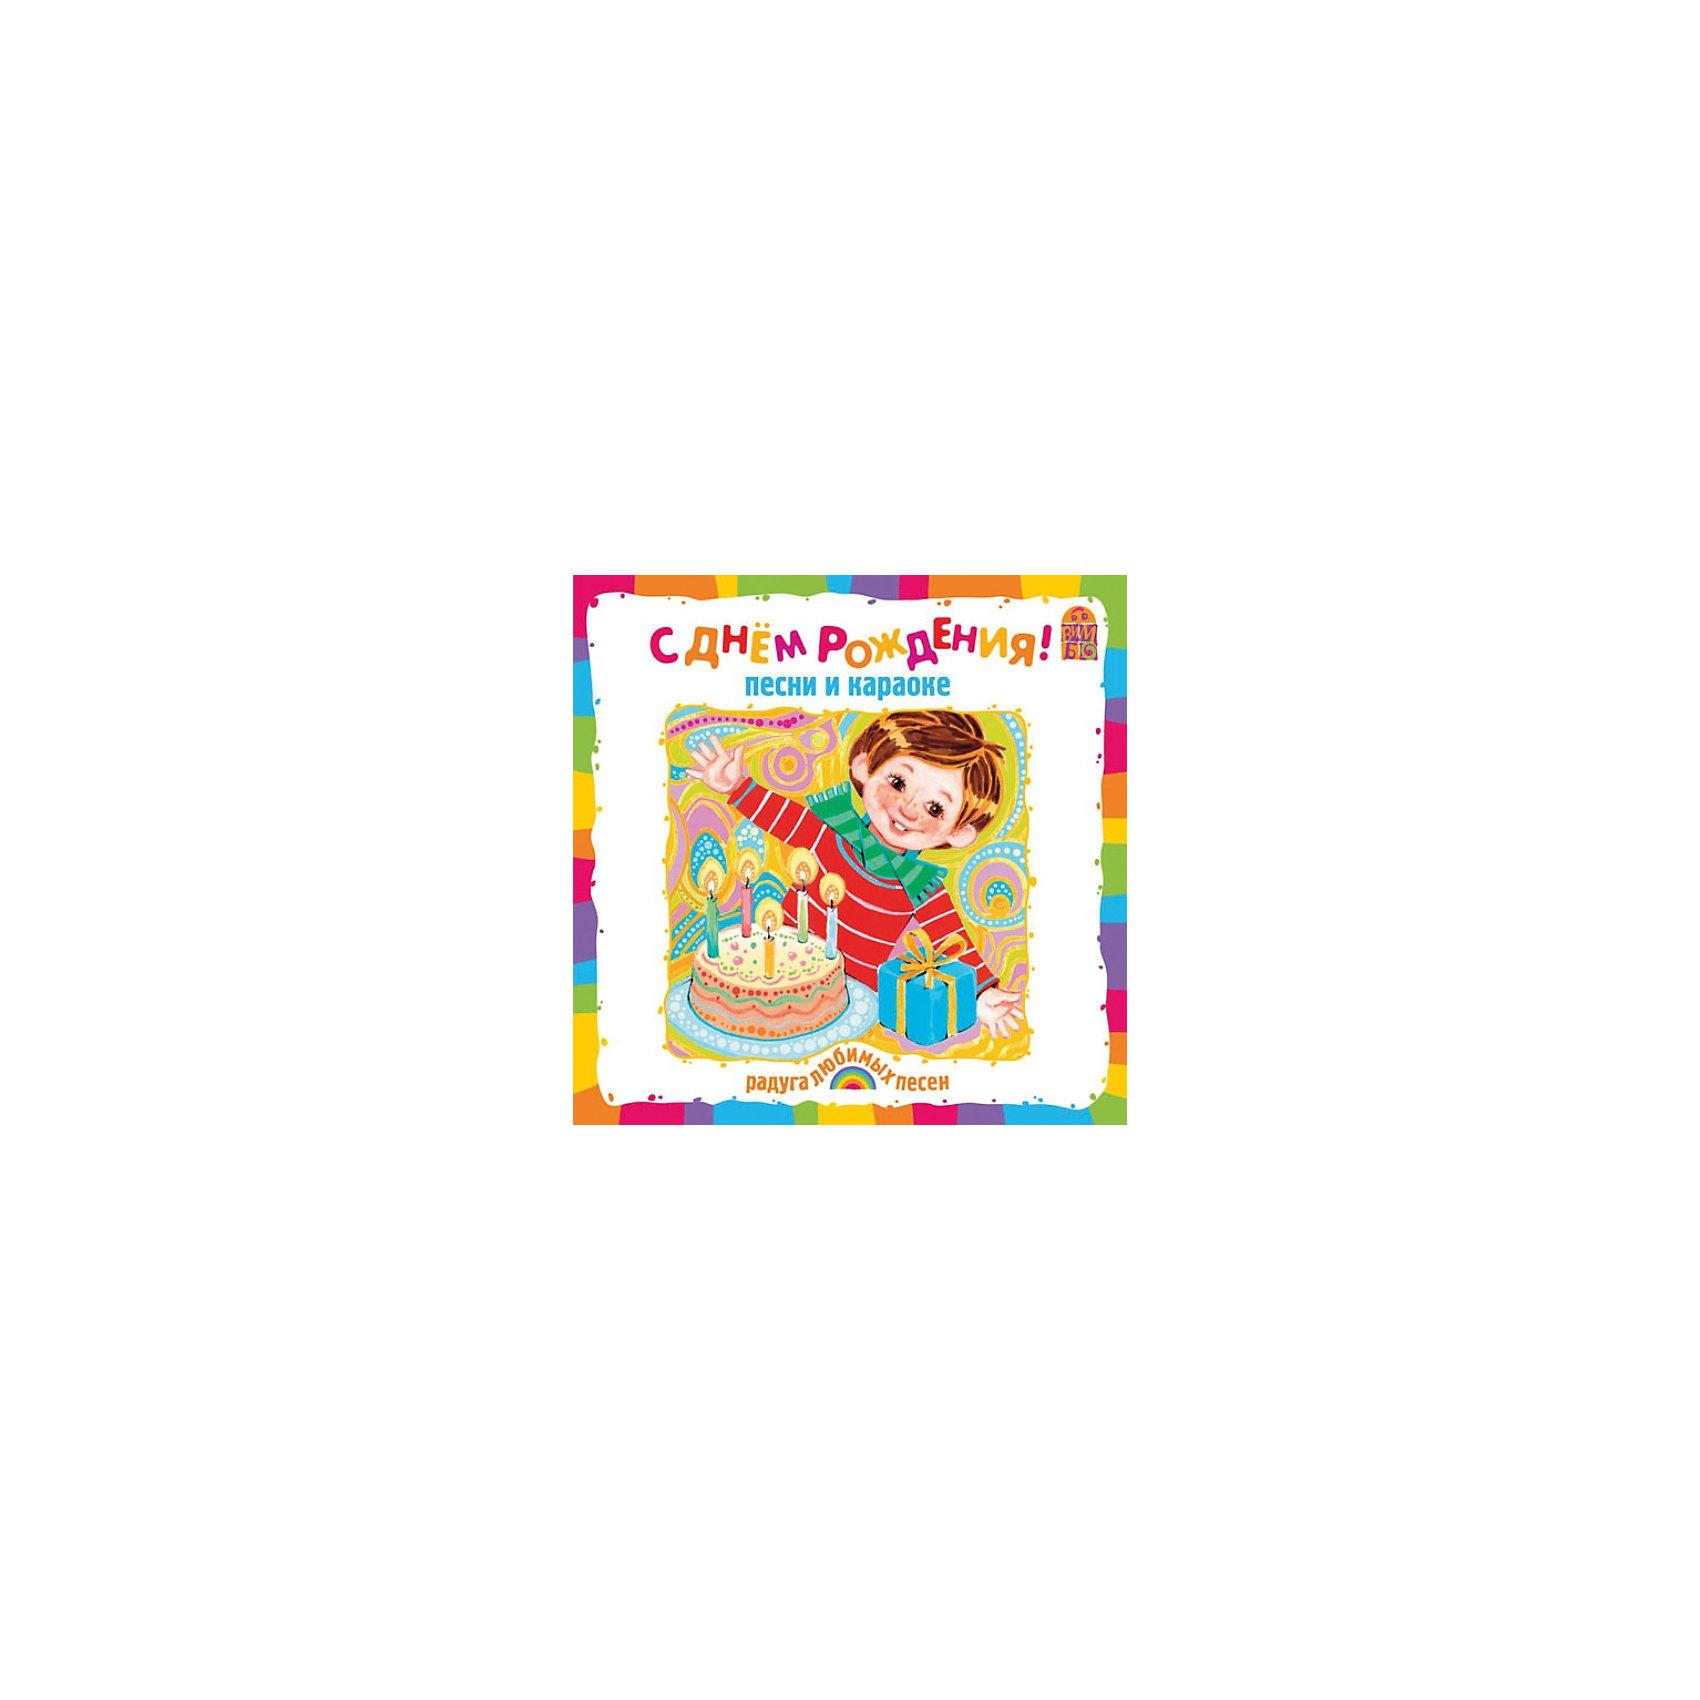 Песни с днем рожденья караоке